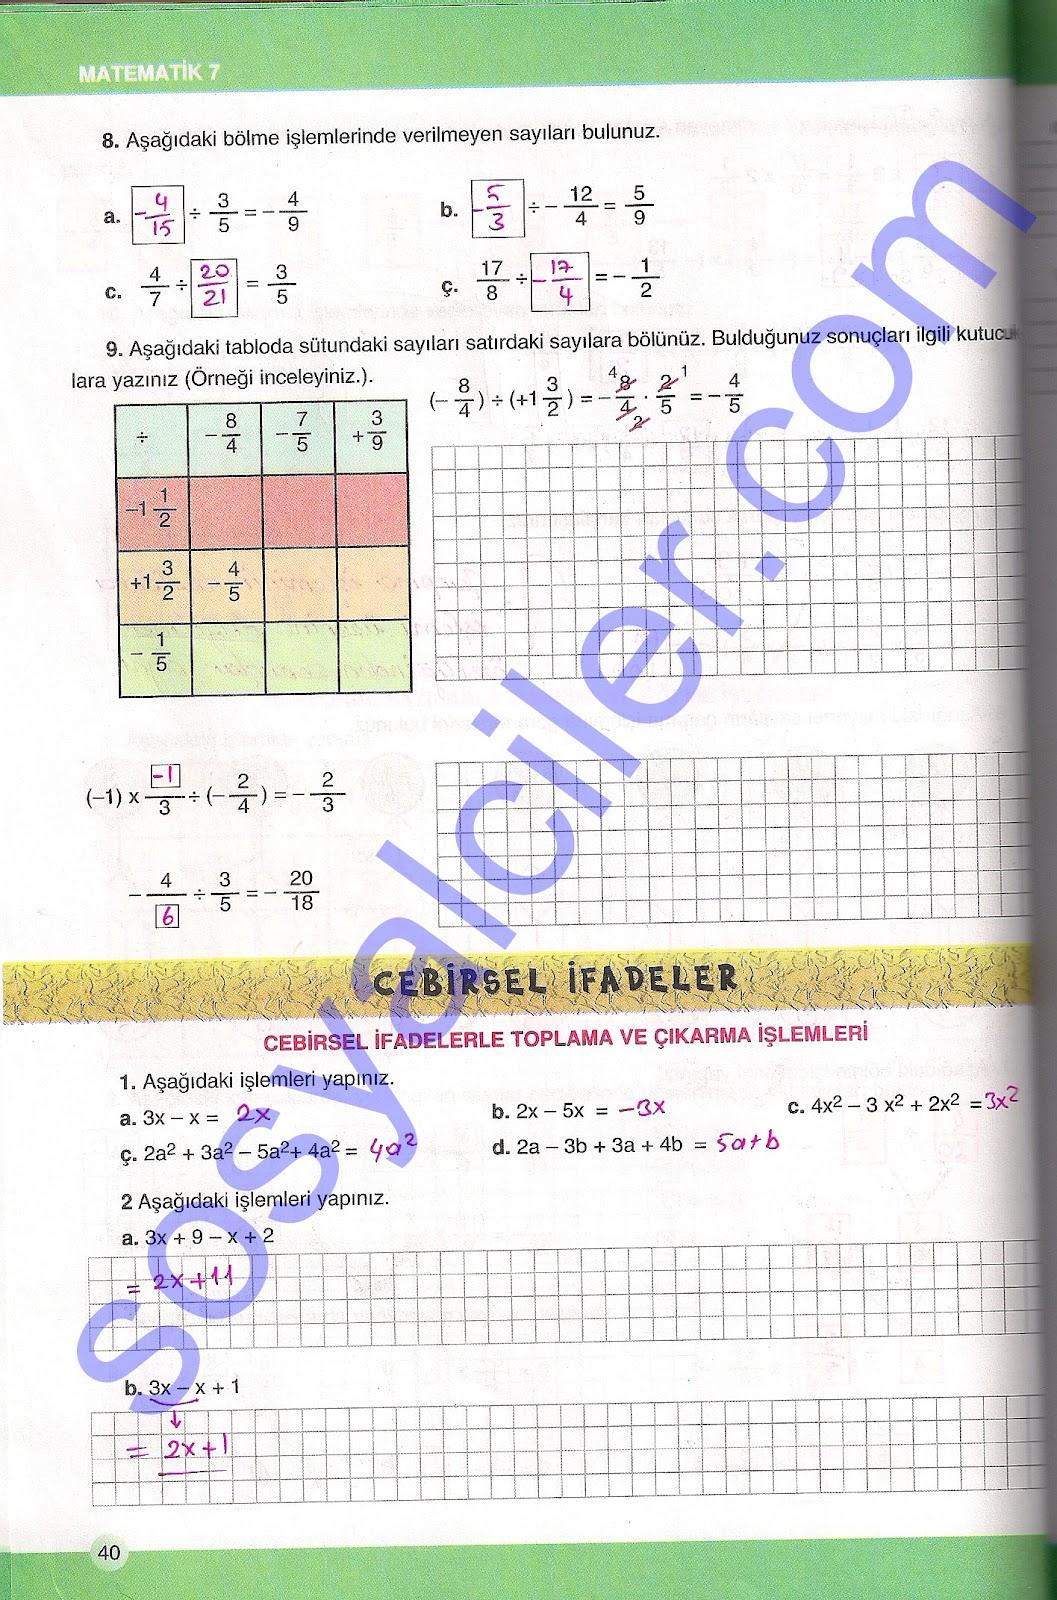 Semih Ofset Yayınları(SEK) 7.Sınıf Matematik Çalışma Kitabı